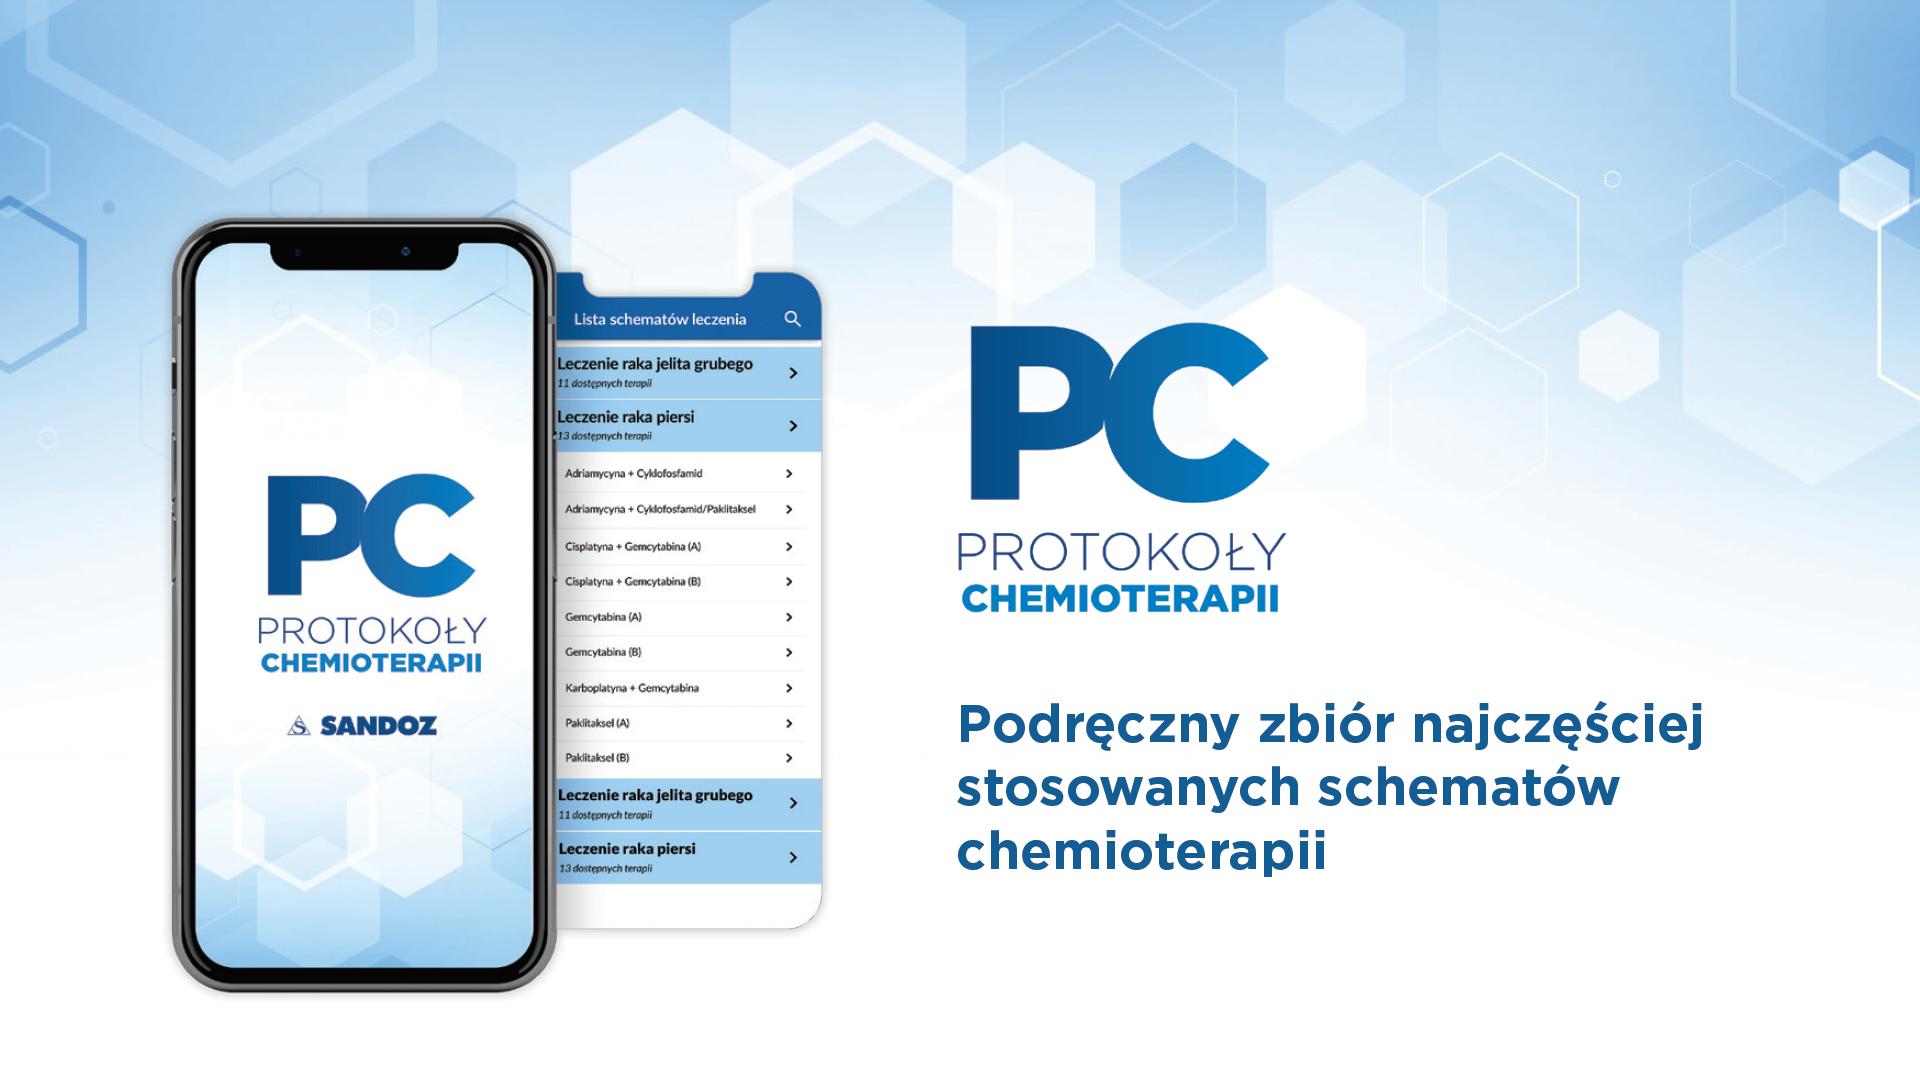 Aplikacja Protokoły Chemioterapii